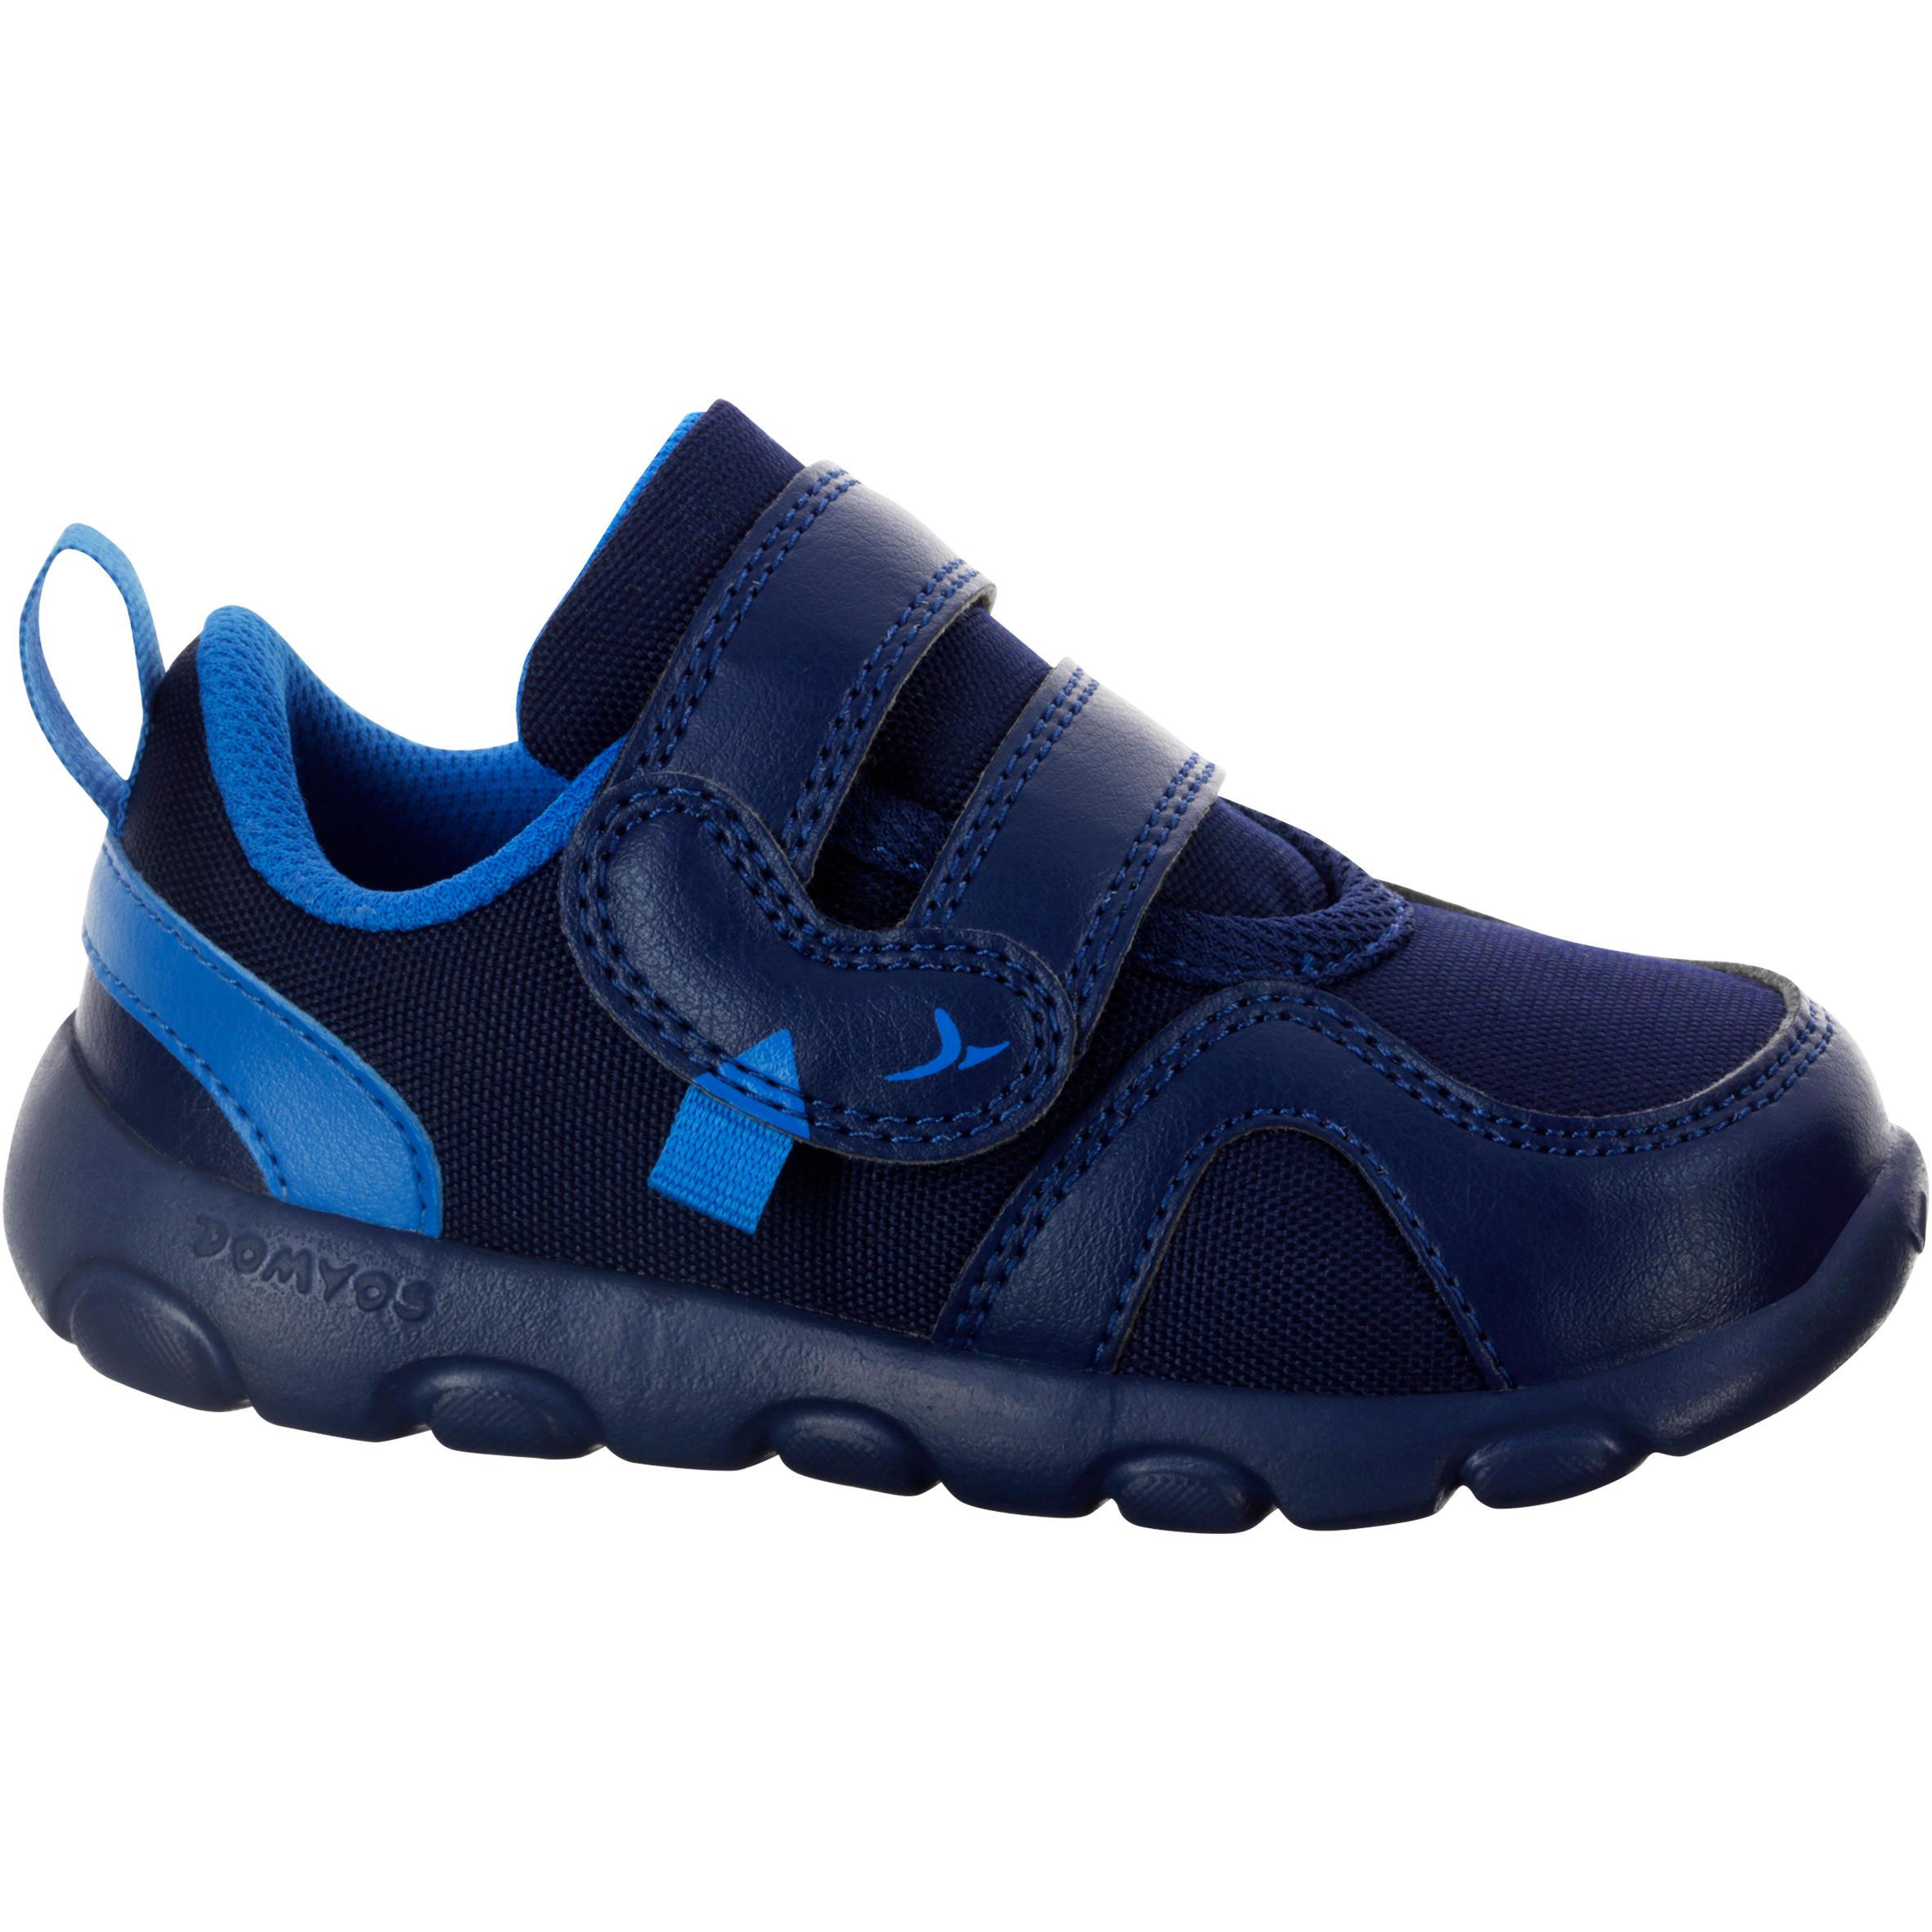 Schoentjes Feasy voor kleutergym marineblauw